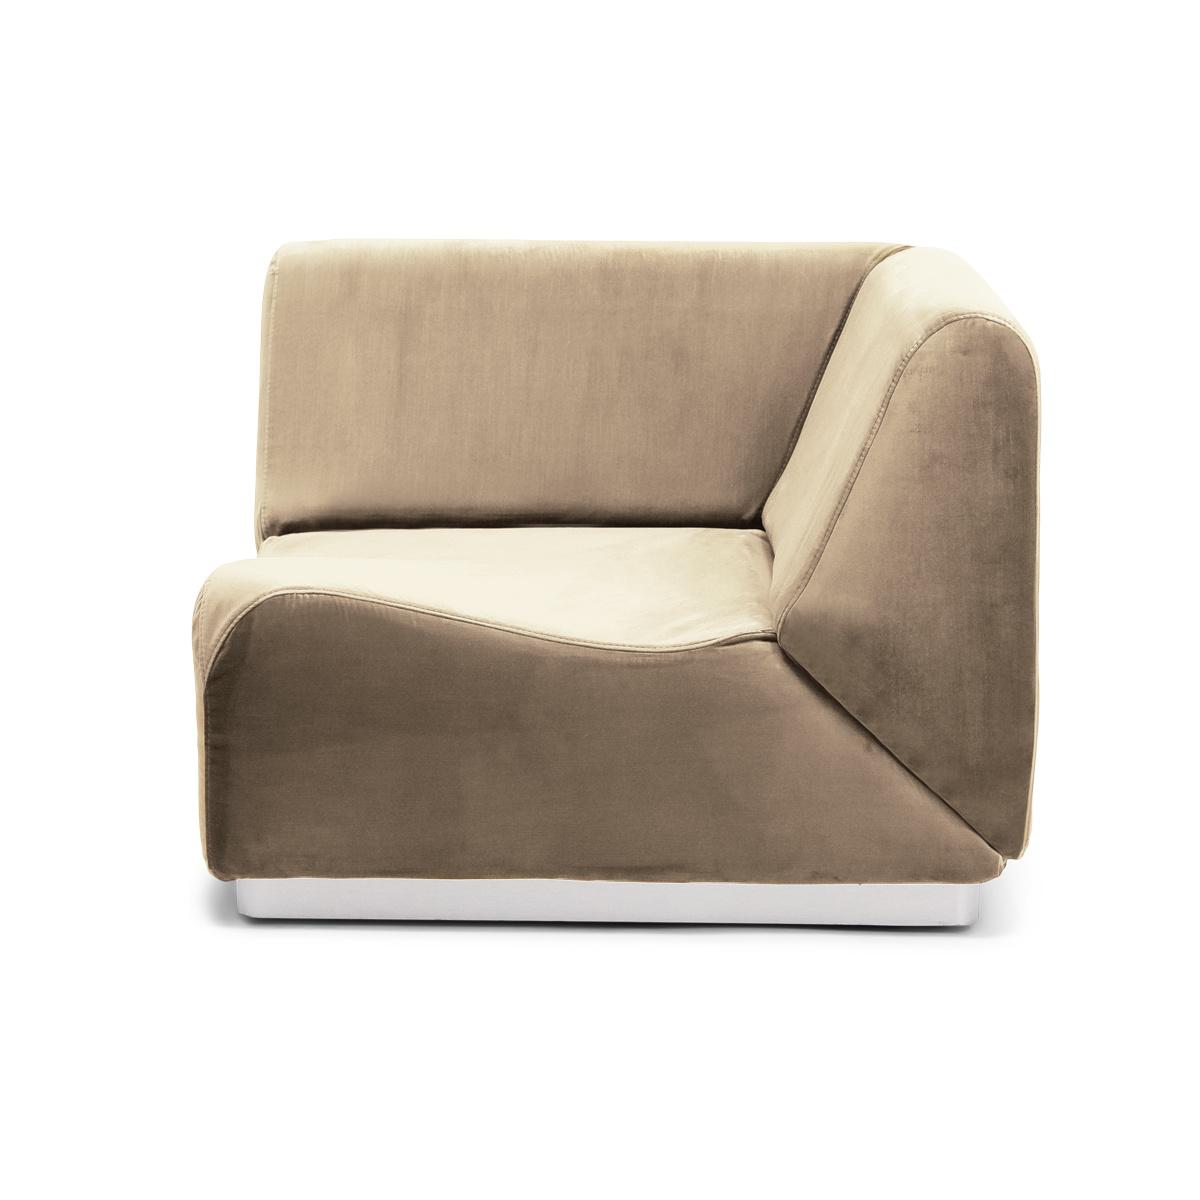 Rotondo Corner Fireside Chair in Camel Velvet